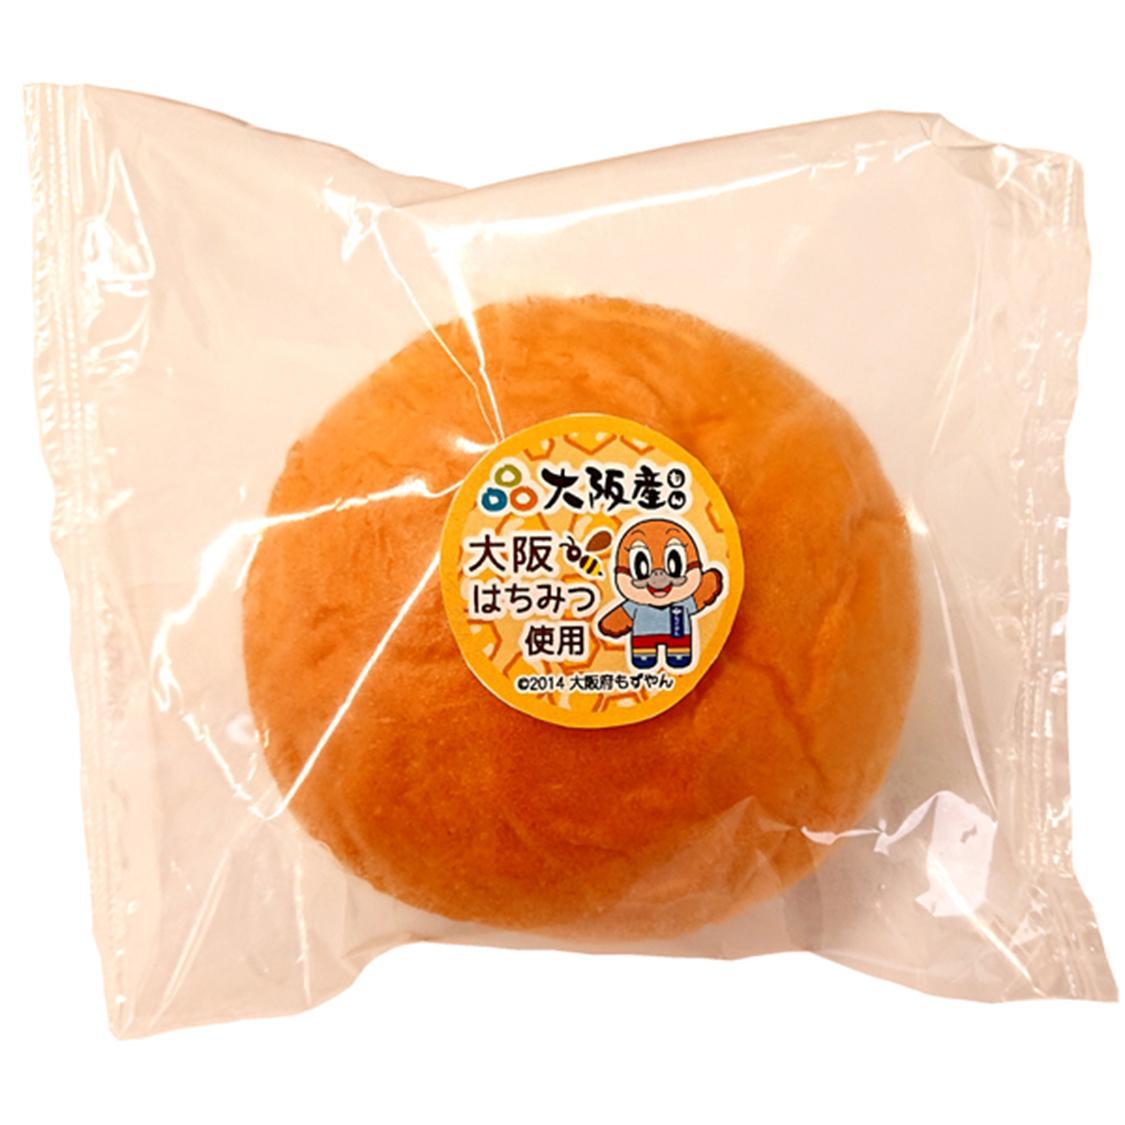 「大阪はちみつクリームパン」